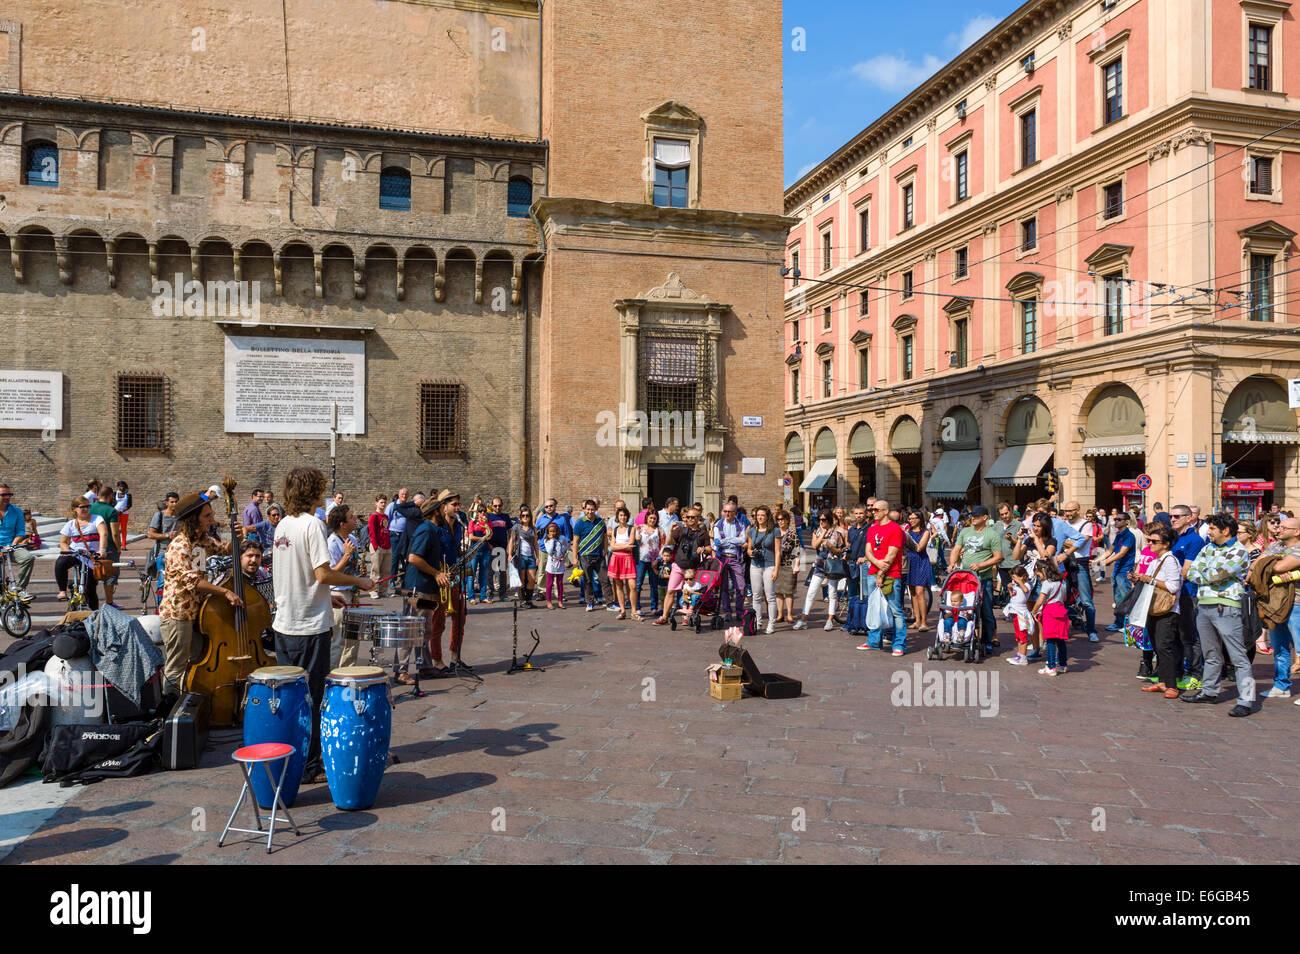 Street musicians in Piazza del Nettuno, Bologna, Emilia Romagna, Italy - Stock Image